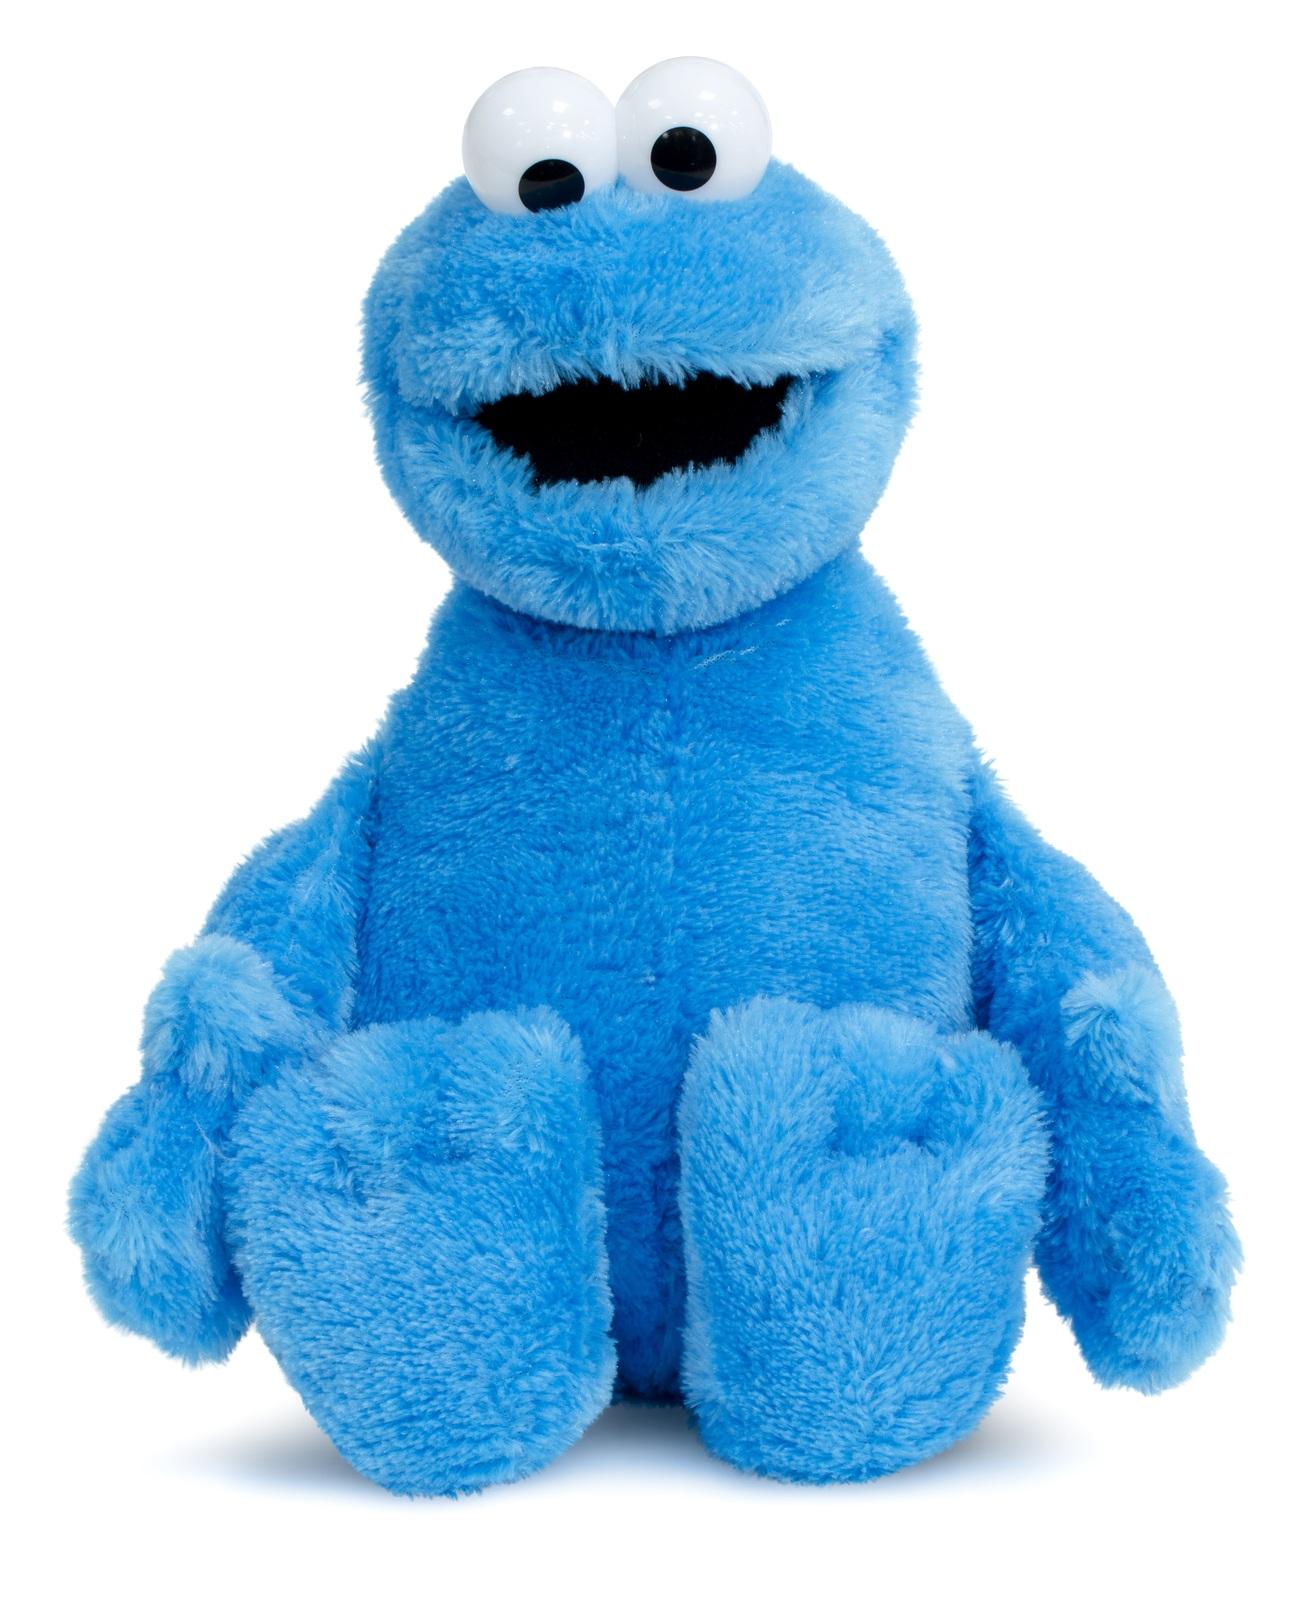 Sesame Street: Cookie Monster - Basic Plush (50cm) image